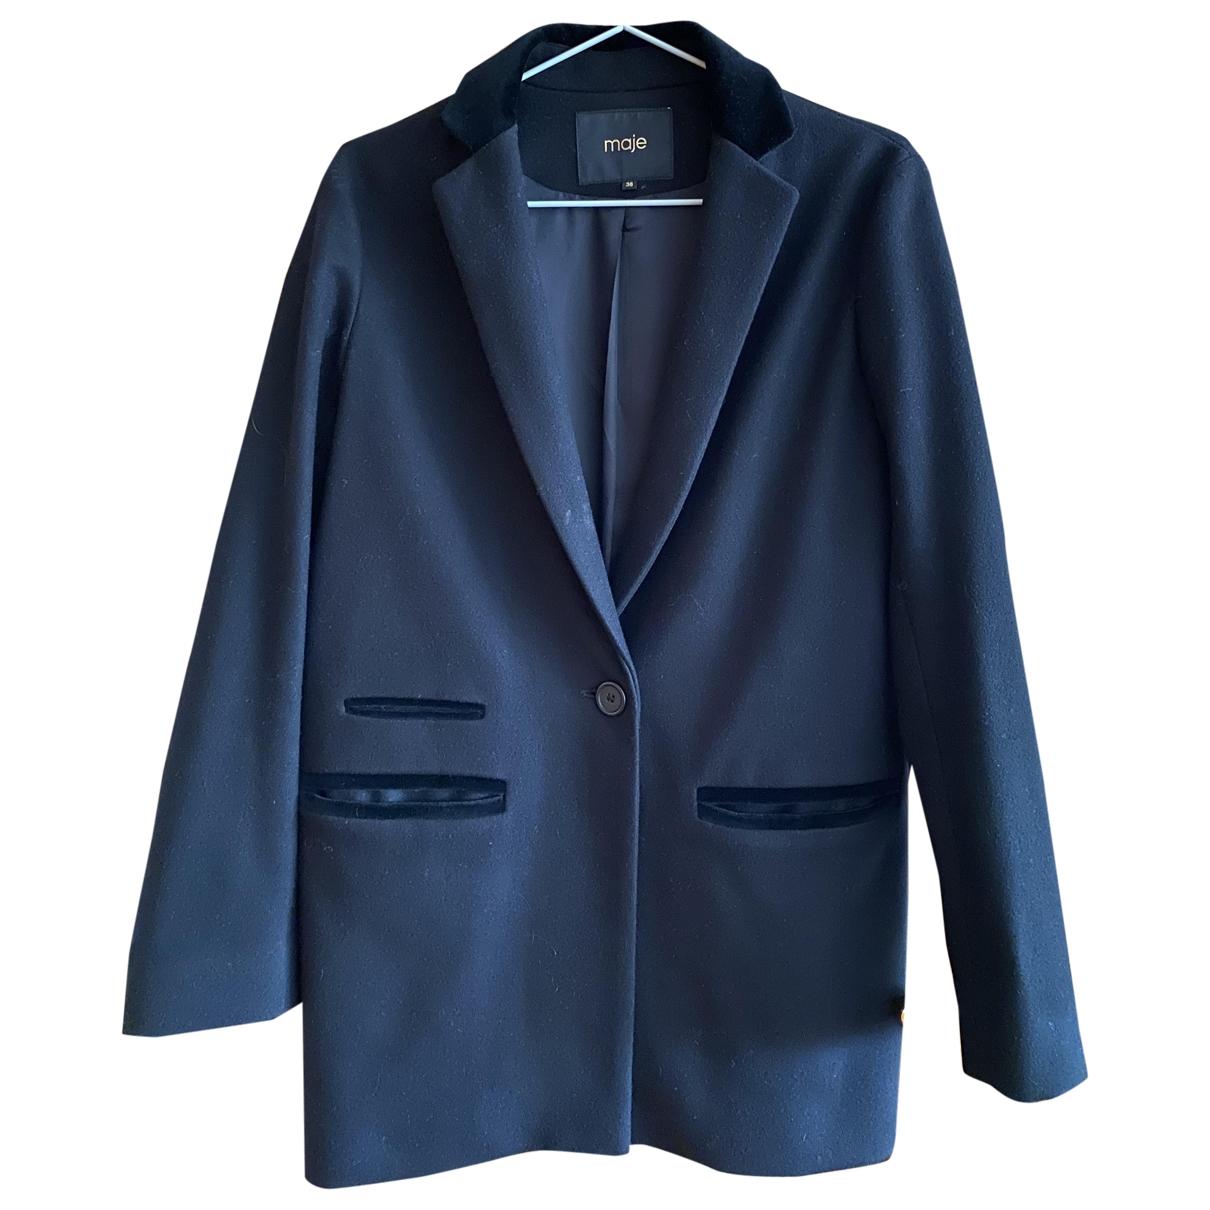 Maje Fall Winter 2019 Black Wool coat for Women 38 FR